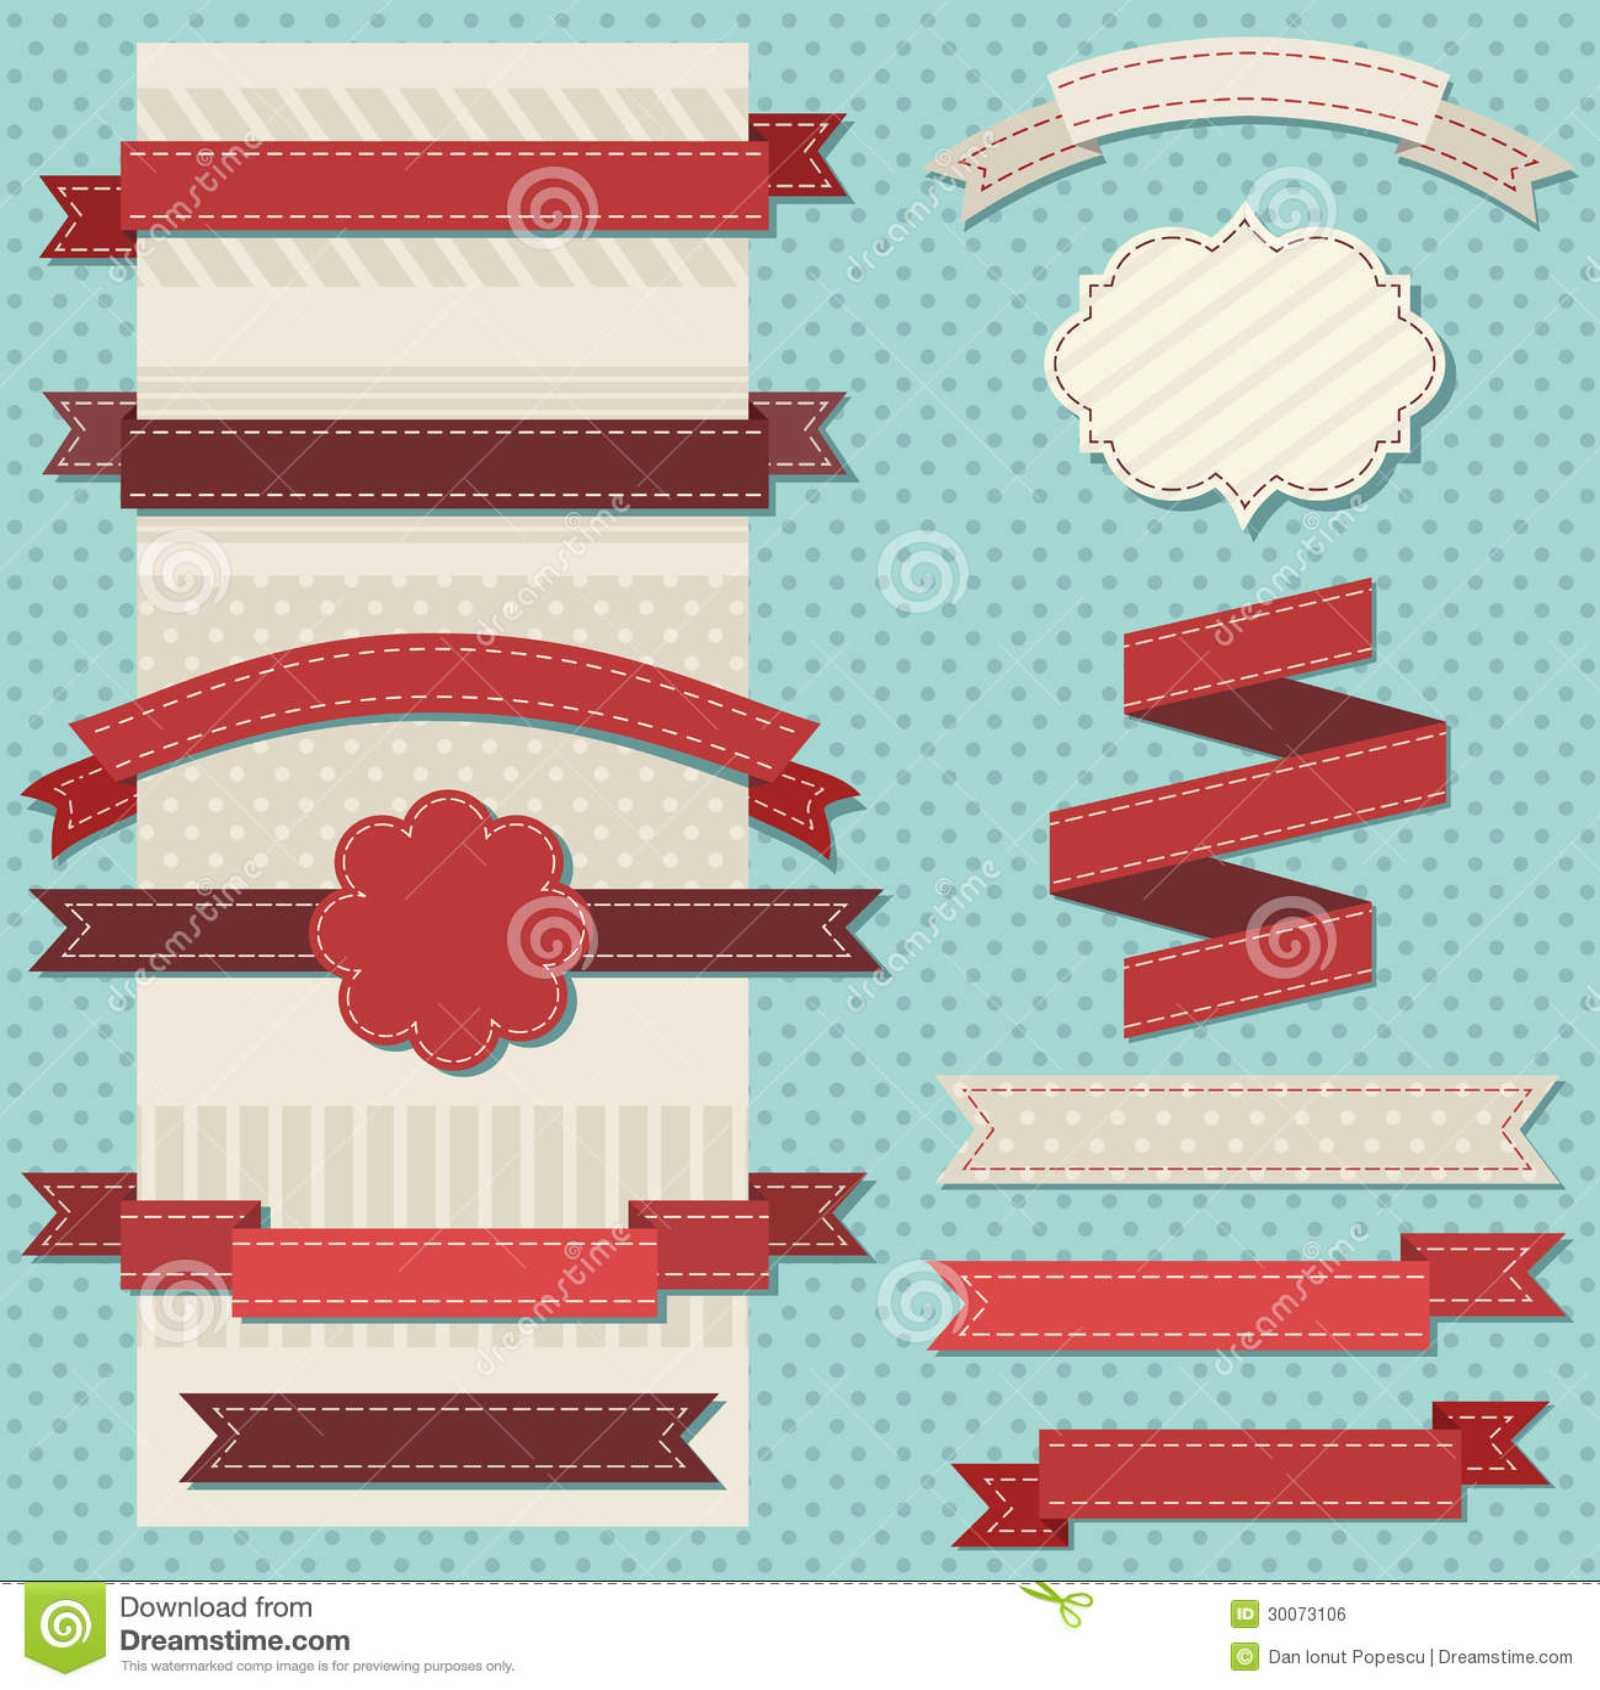 Vintage ribbons